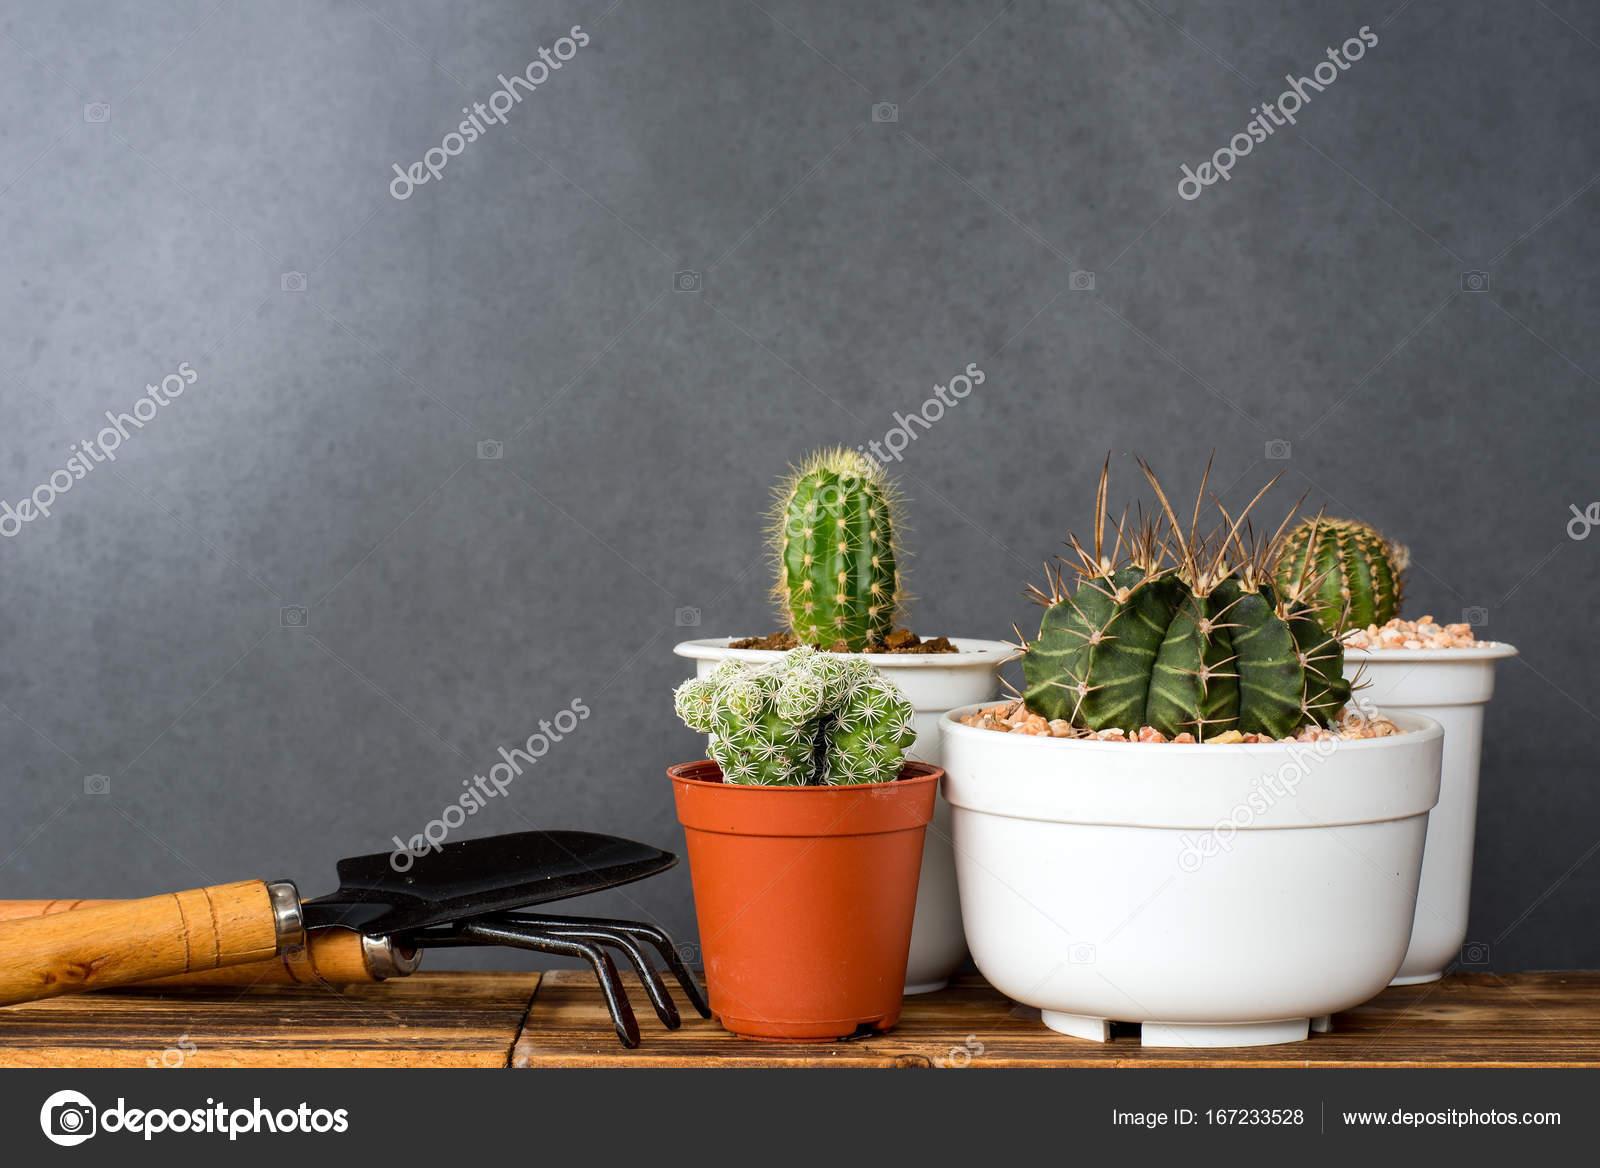 Indoor Cactus Garden Adorable indoor cactus garden stock photo shirophoto 167233528 adorable indoor cactus garden photo by shirophoto workwithnaturefo